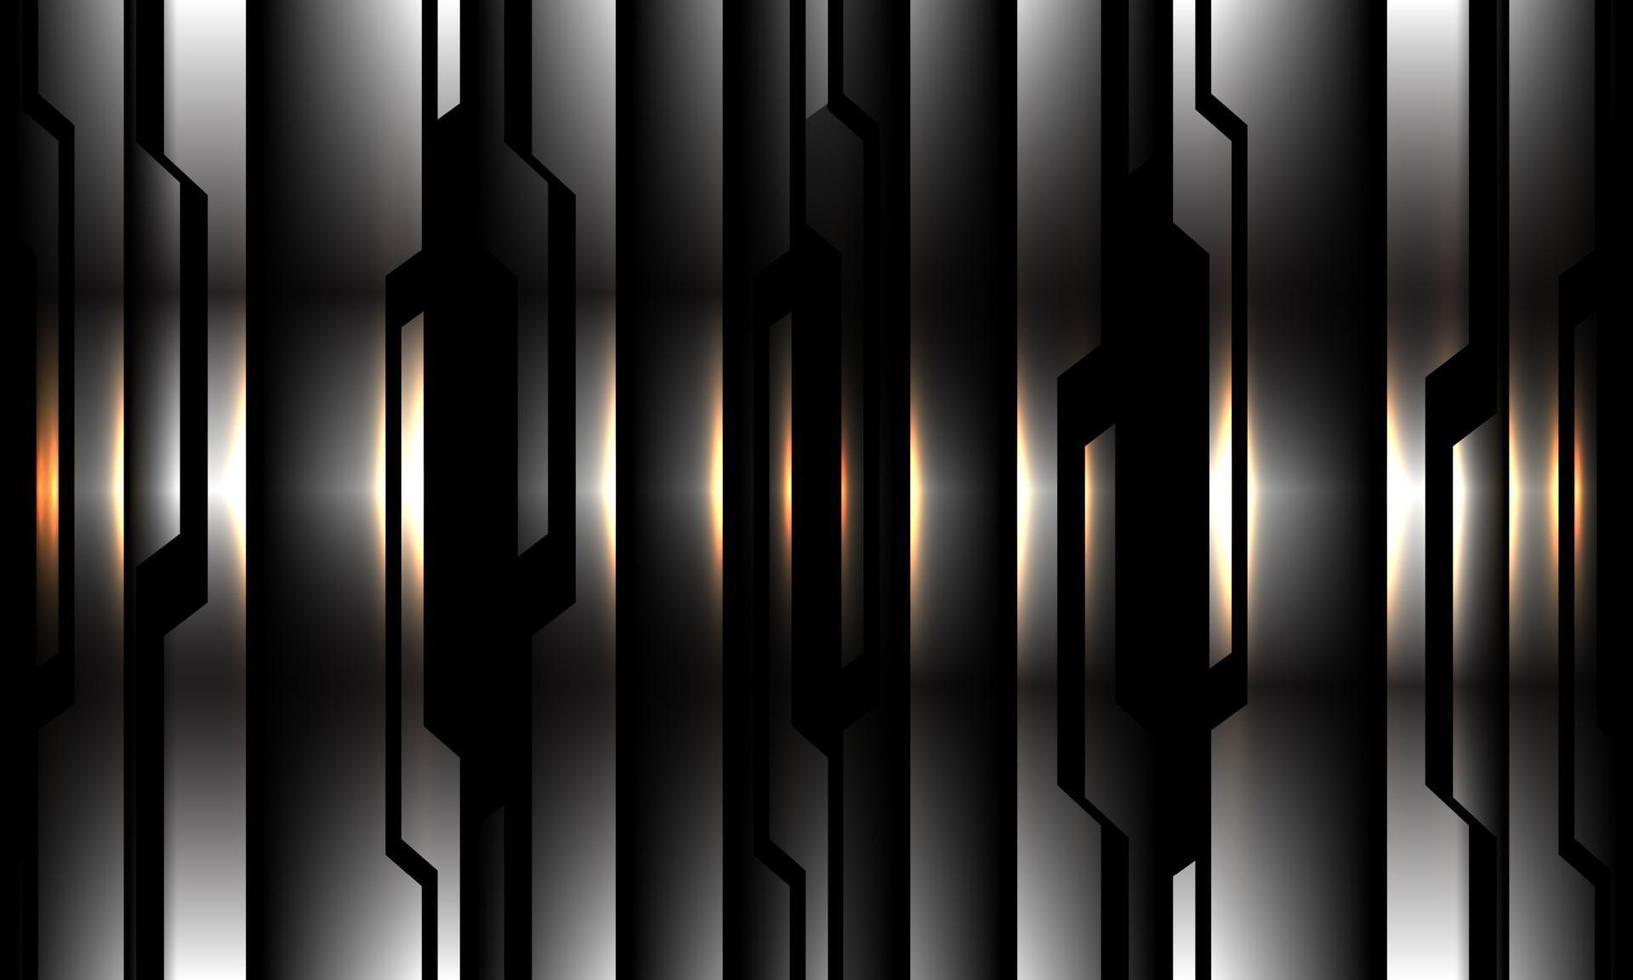 abstrato prata preto circuito padrão luz amarela design moderno futurista tecnologia fundo ilustração vetorial. vetor